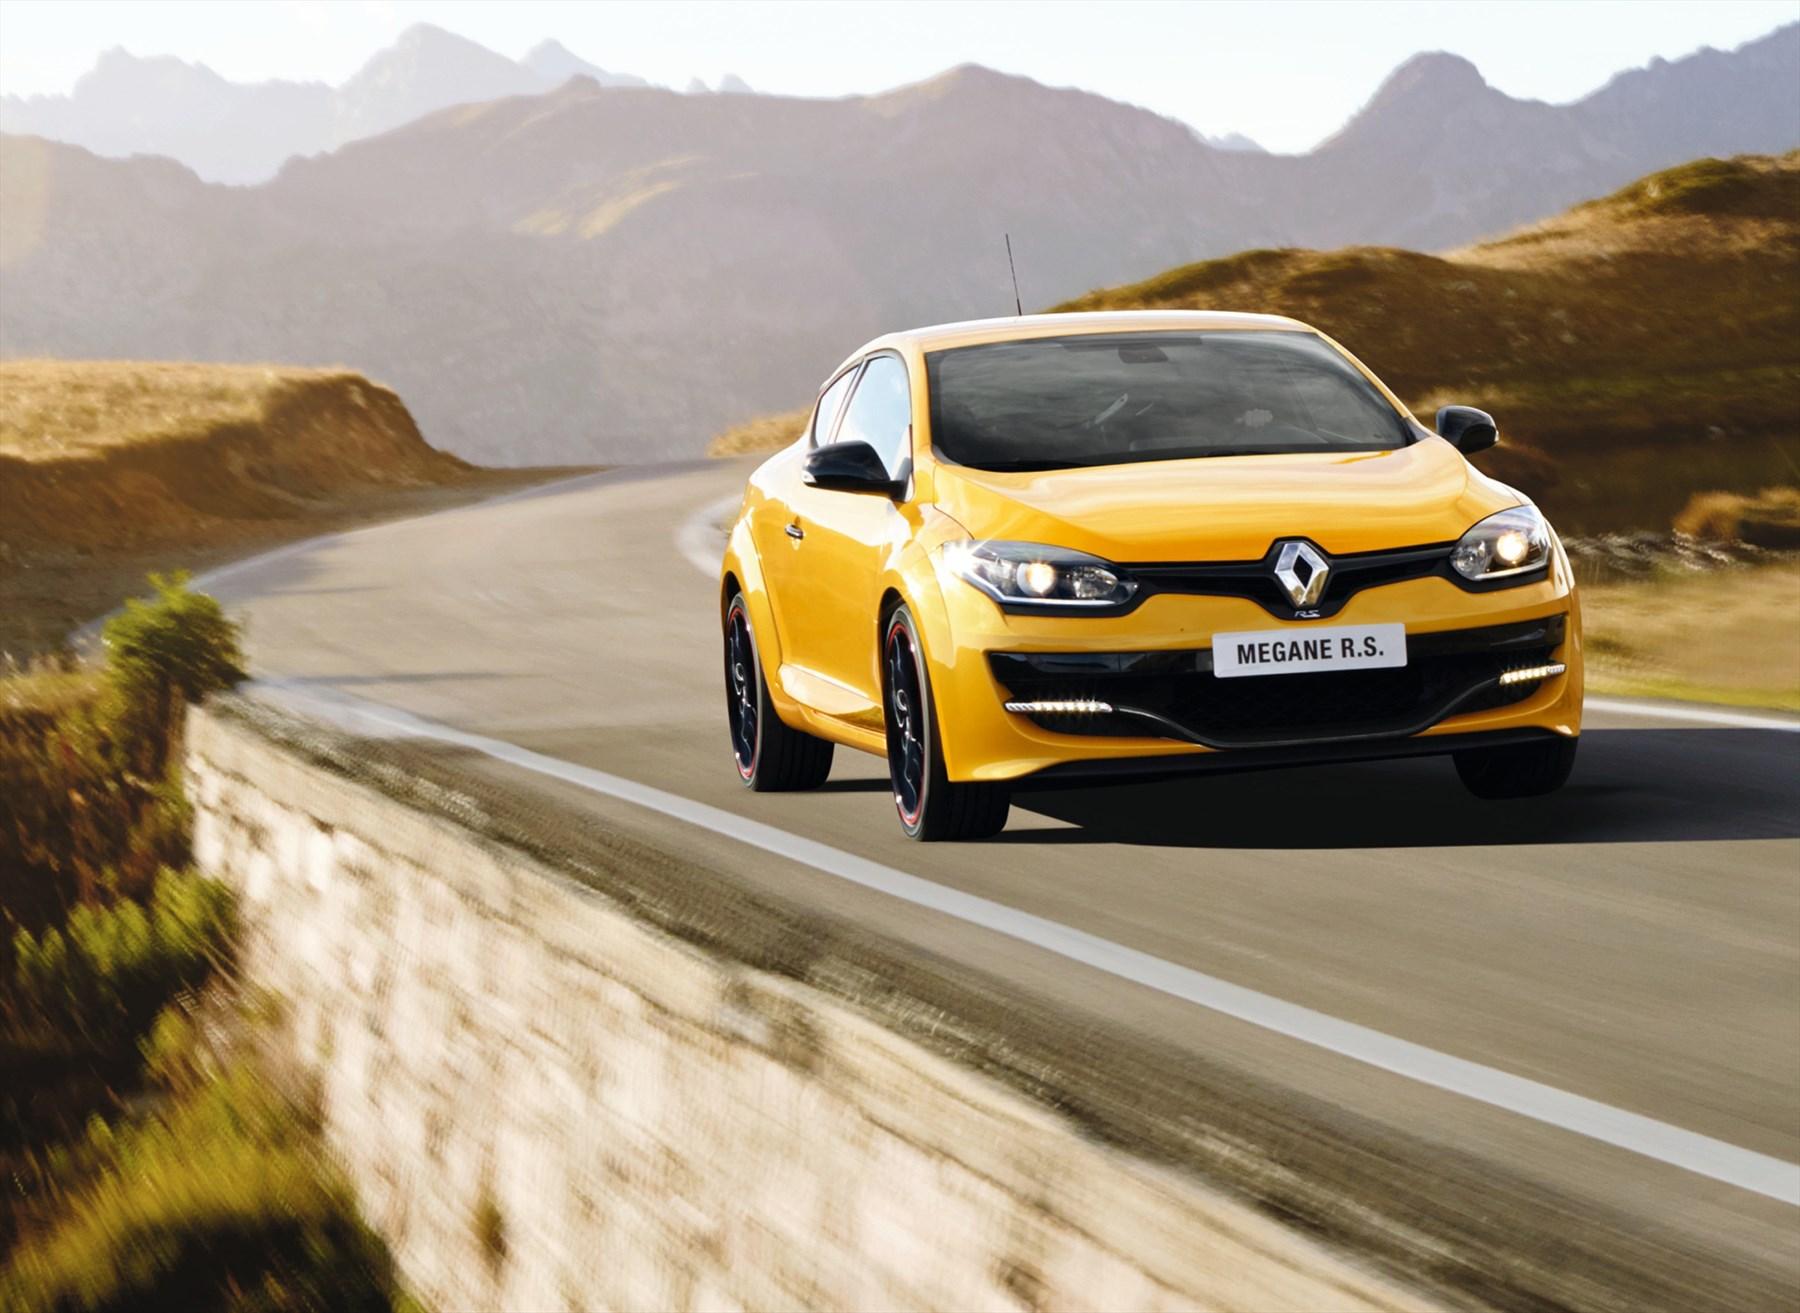 Renault-Megane-RS-265-LUX